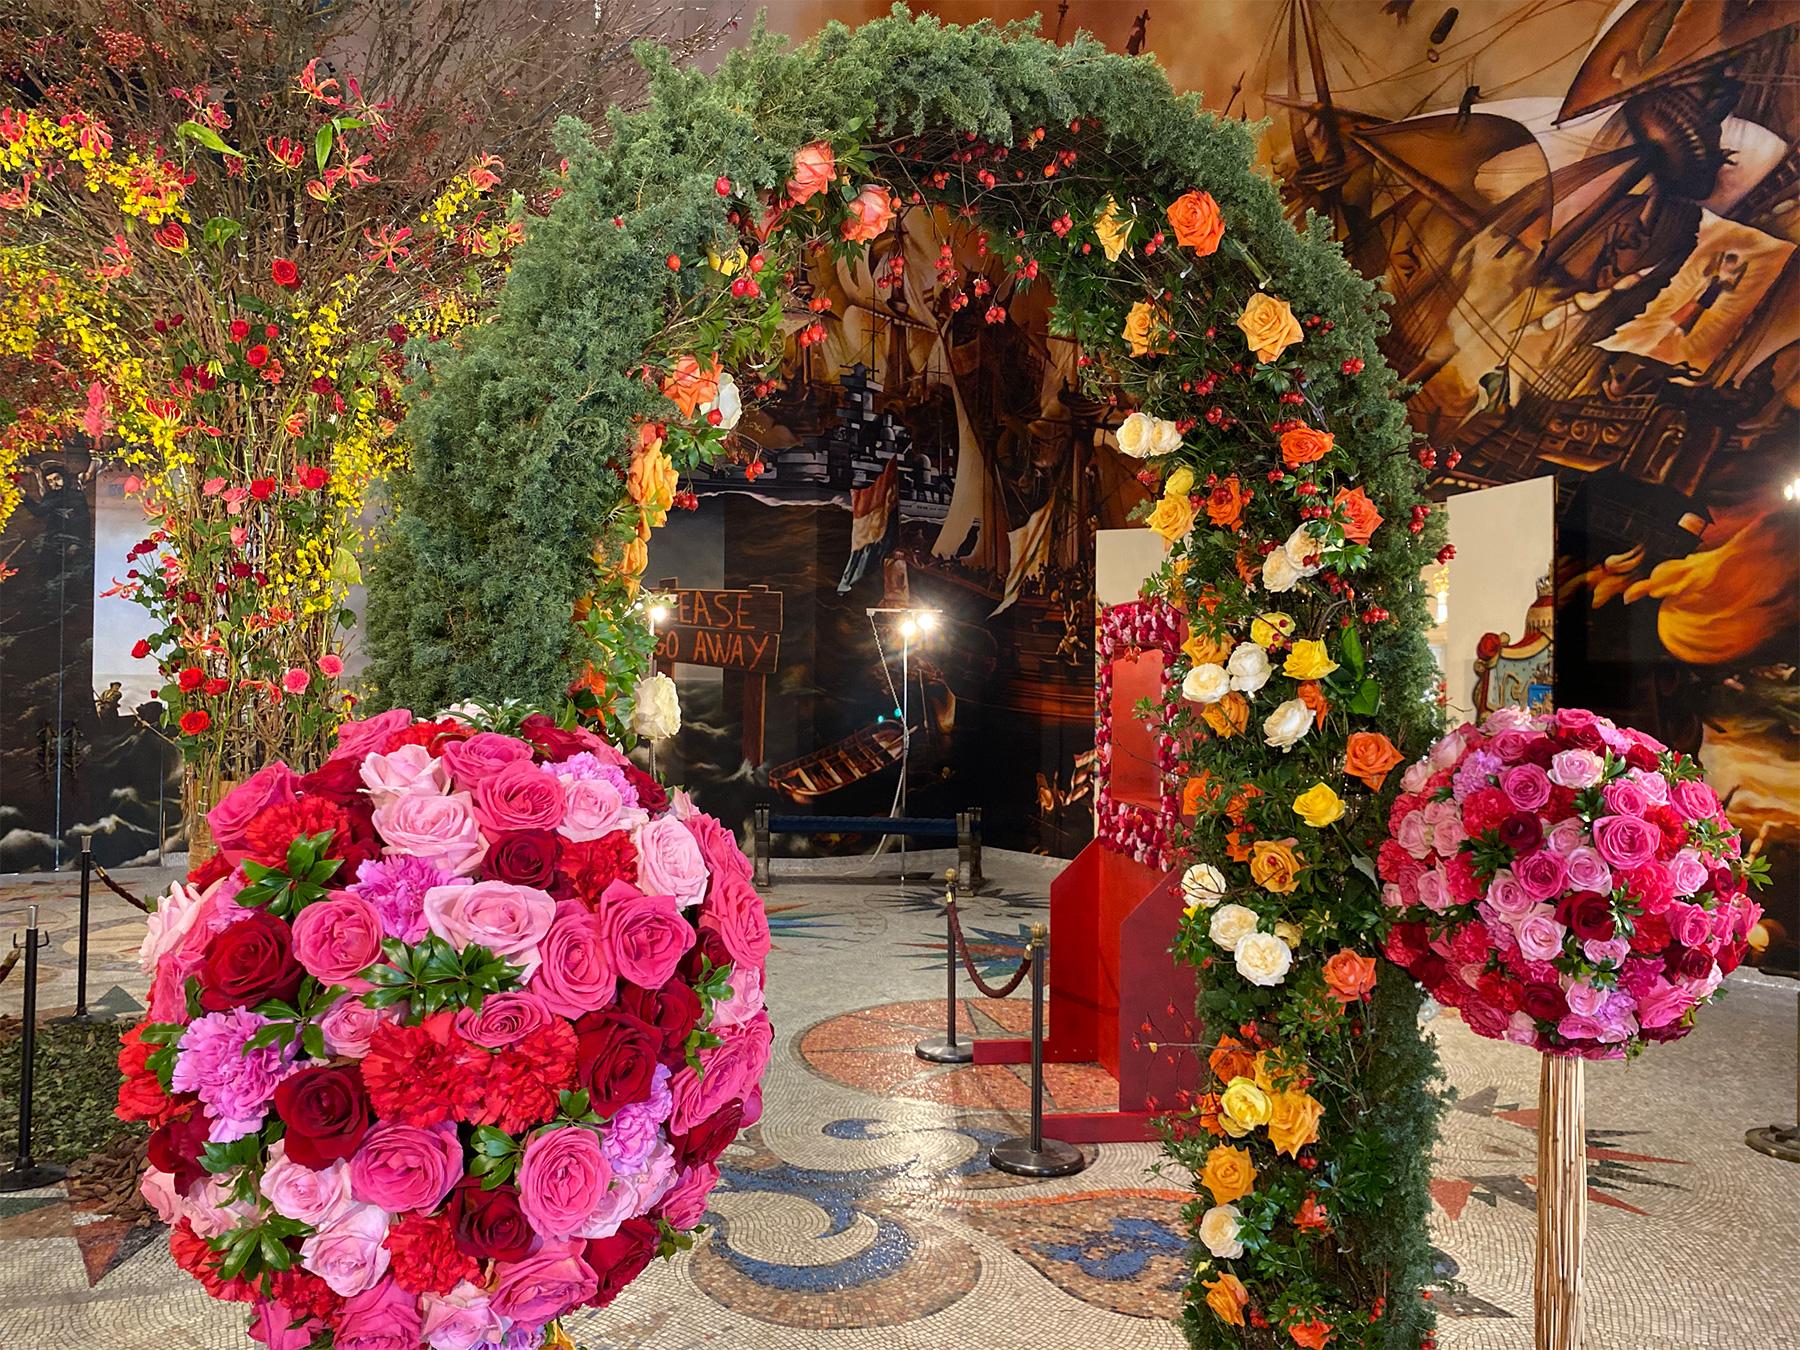 長崎・ハウステンボスを彩る「バラ」「ポインセチア」「胡蝶蘭」3つの花の特別展